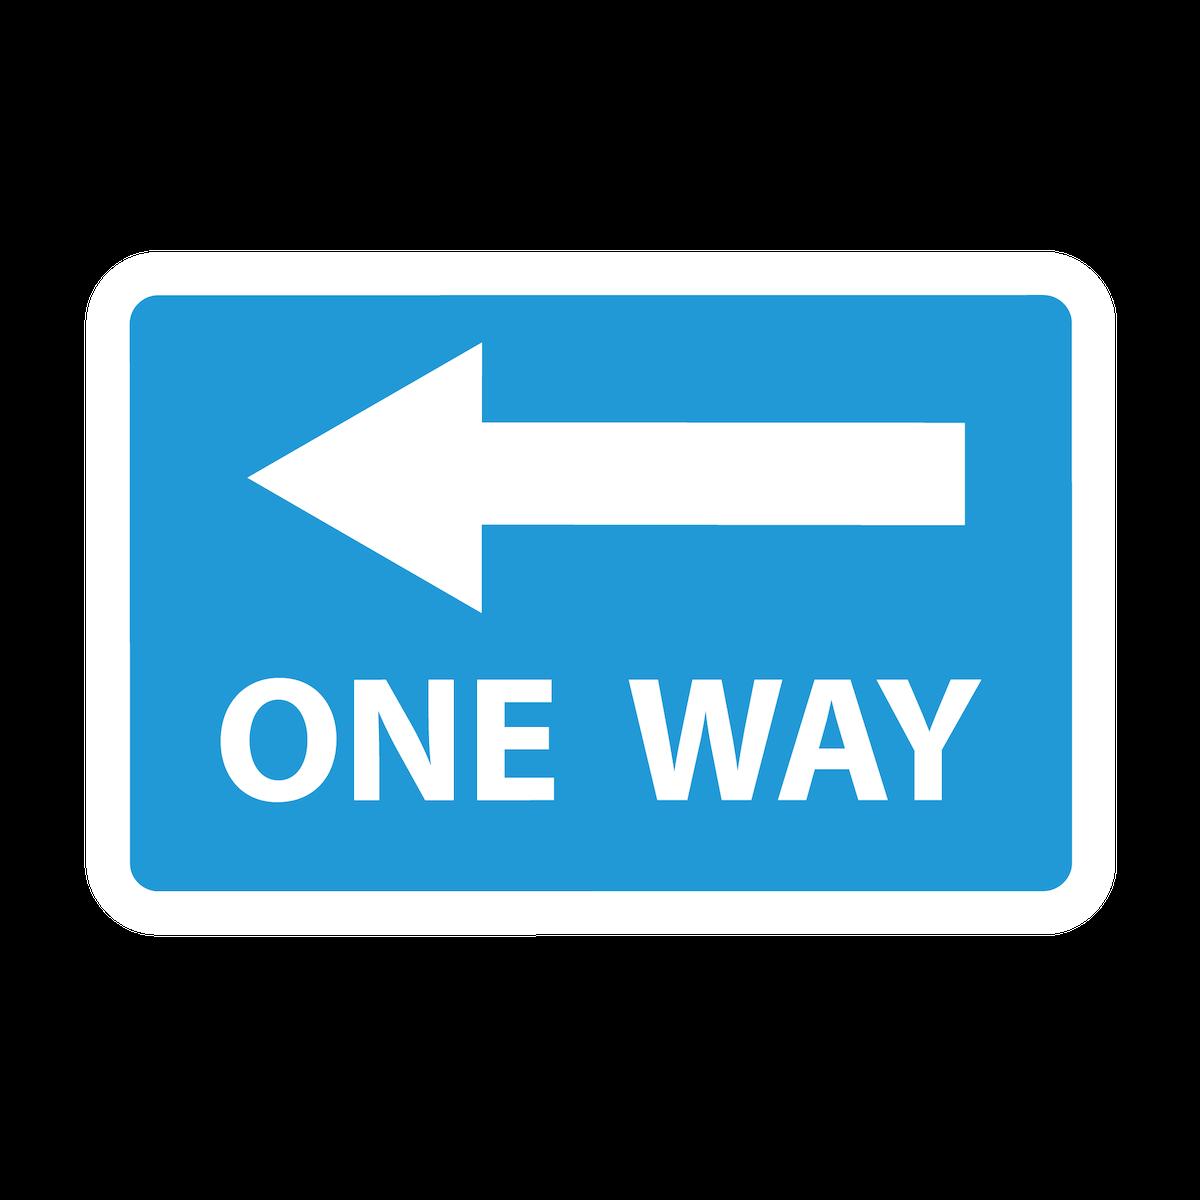 Playground Marking One Way